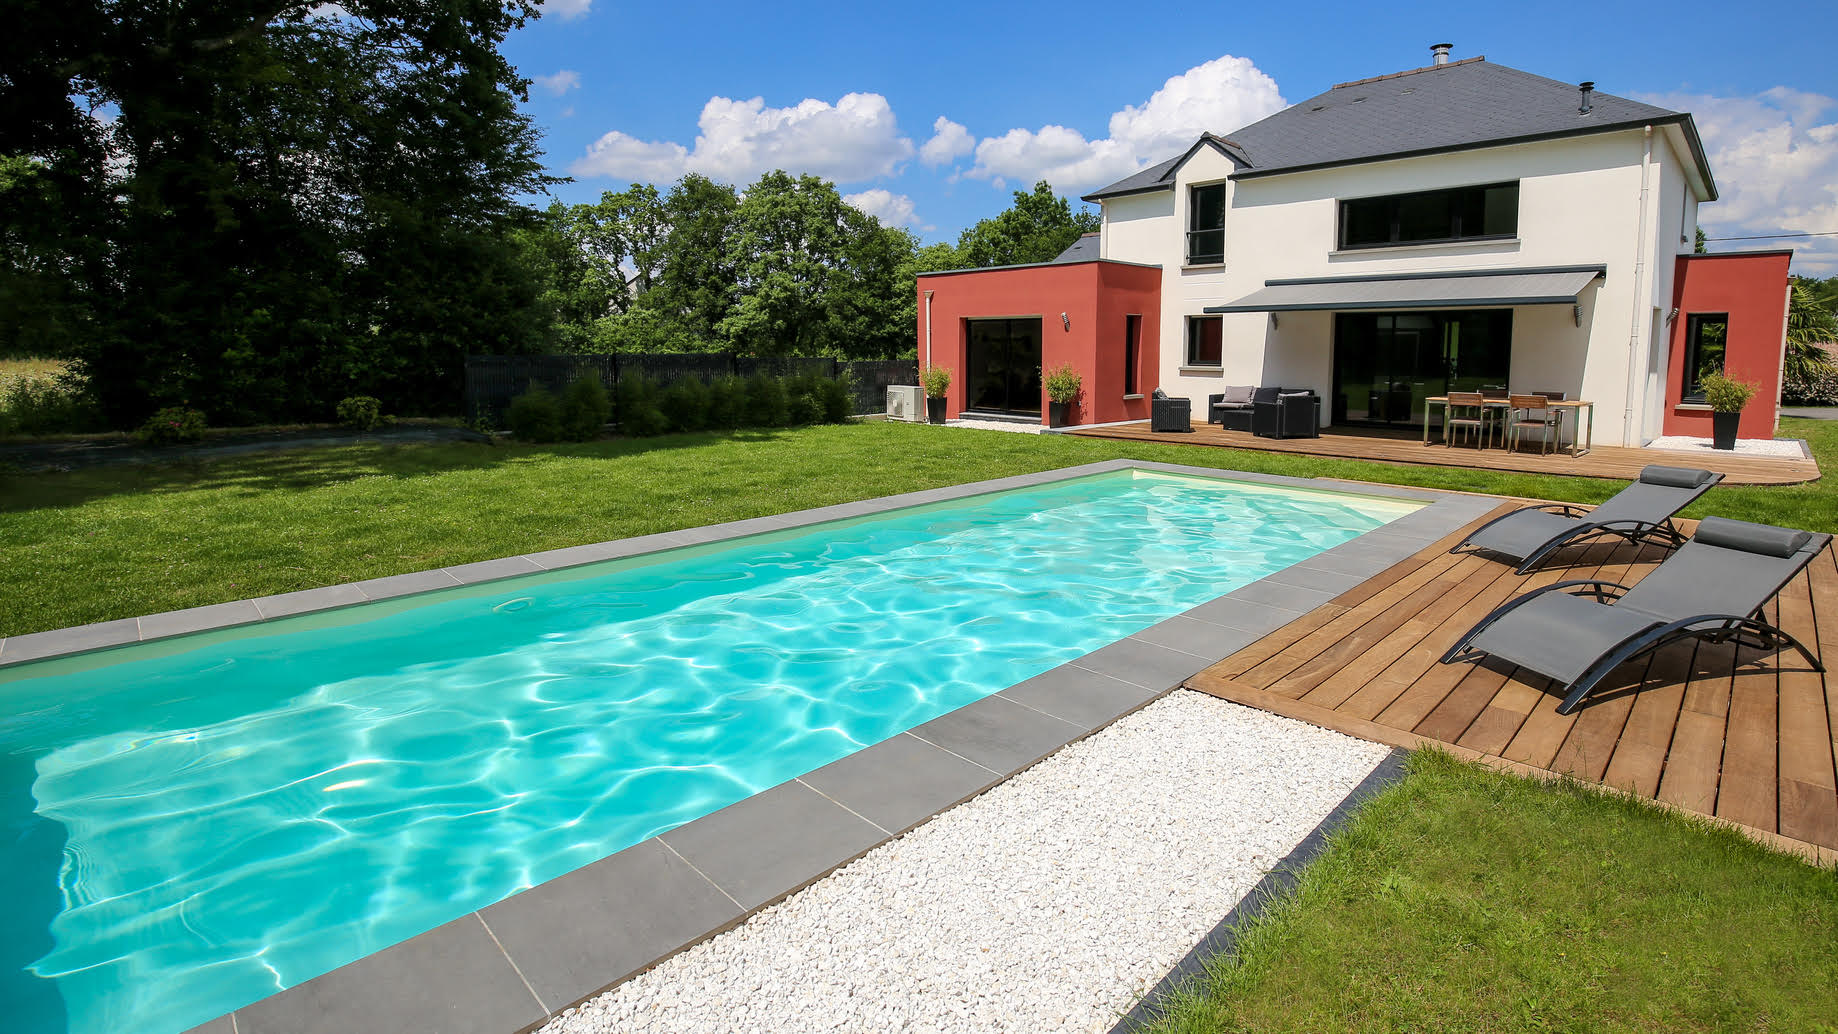 piscine 01 entretien de votre piscine dans le pays de gex. Black Bedroom Furniture Sets. Home Design Ideas